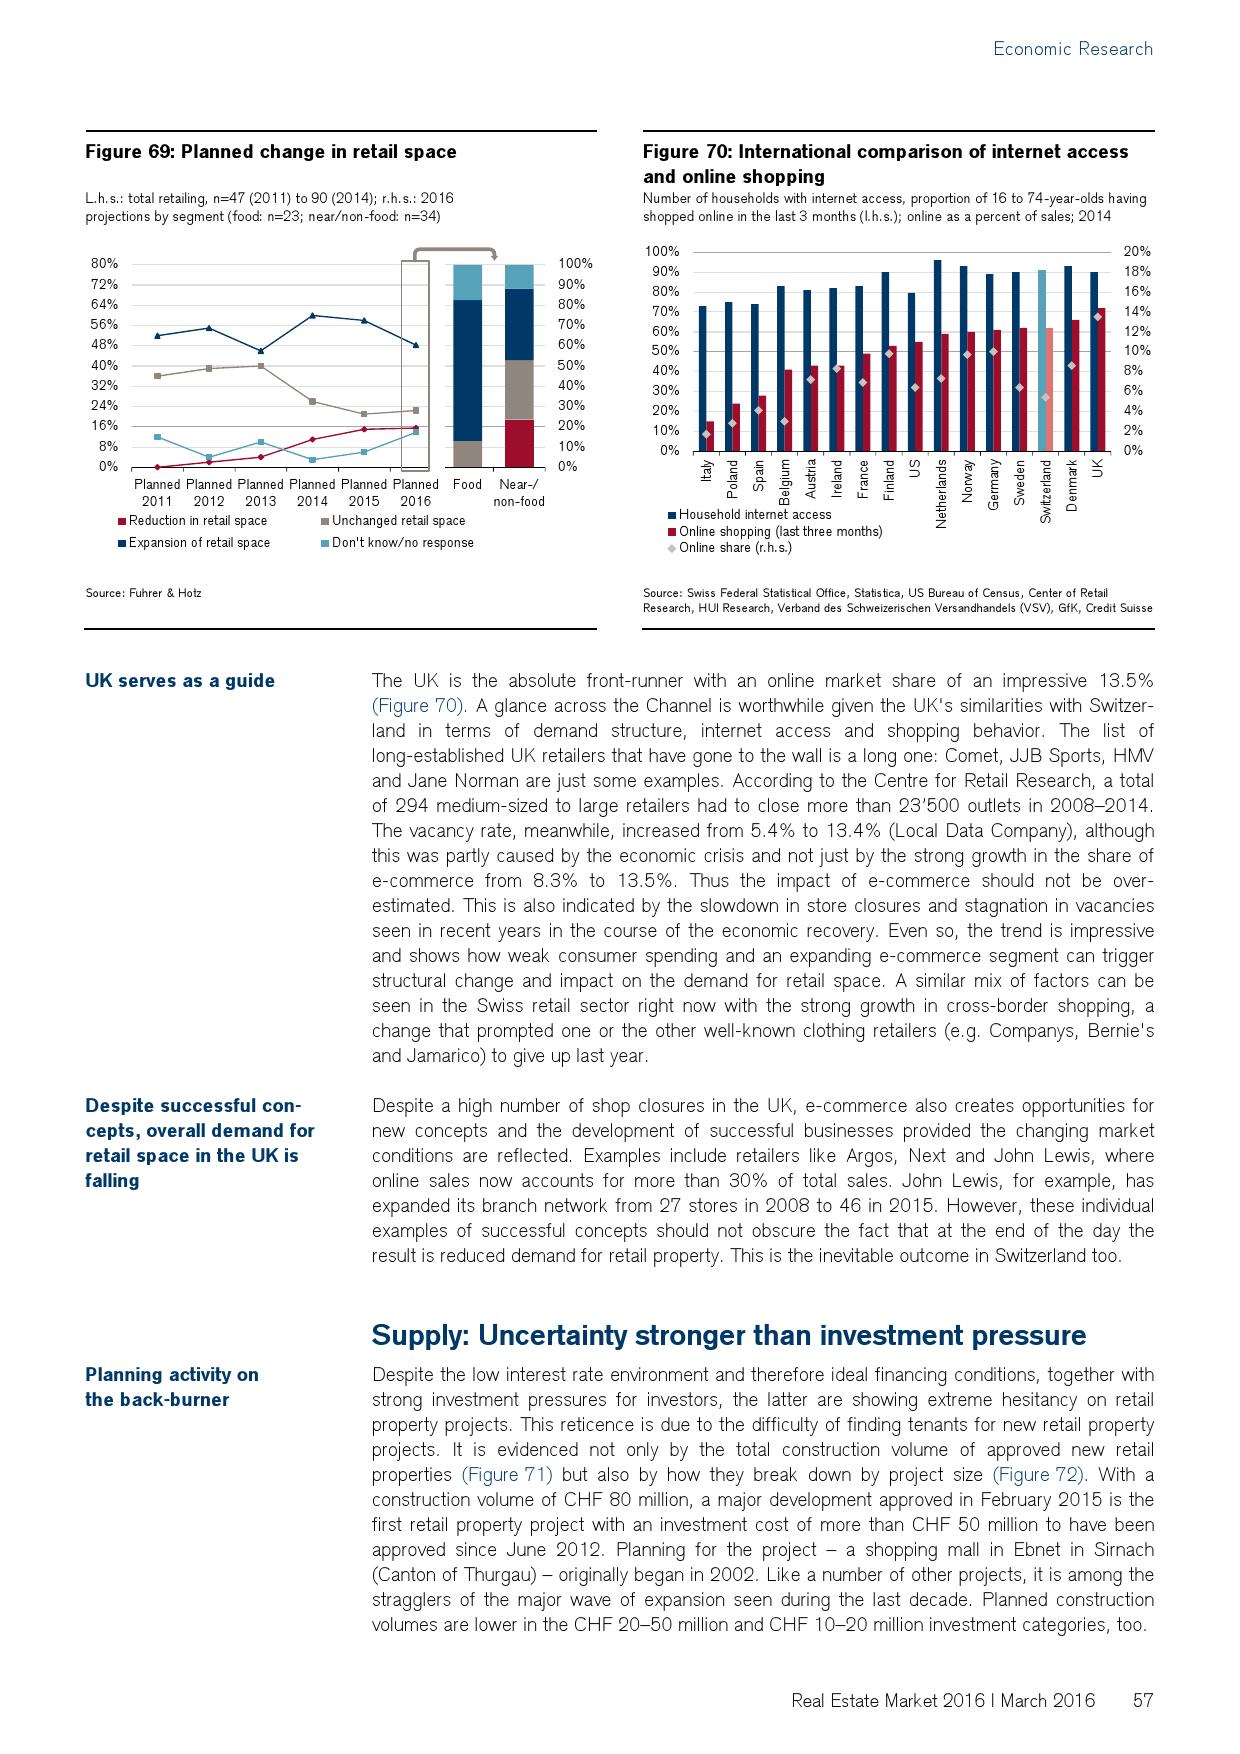 2016年瑞士房地产市场研究报告_000057